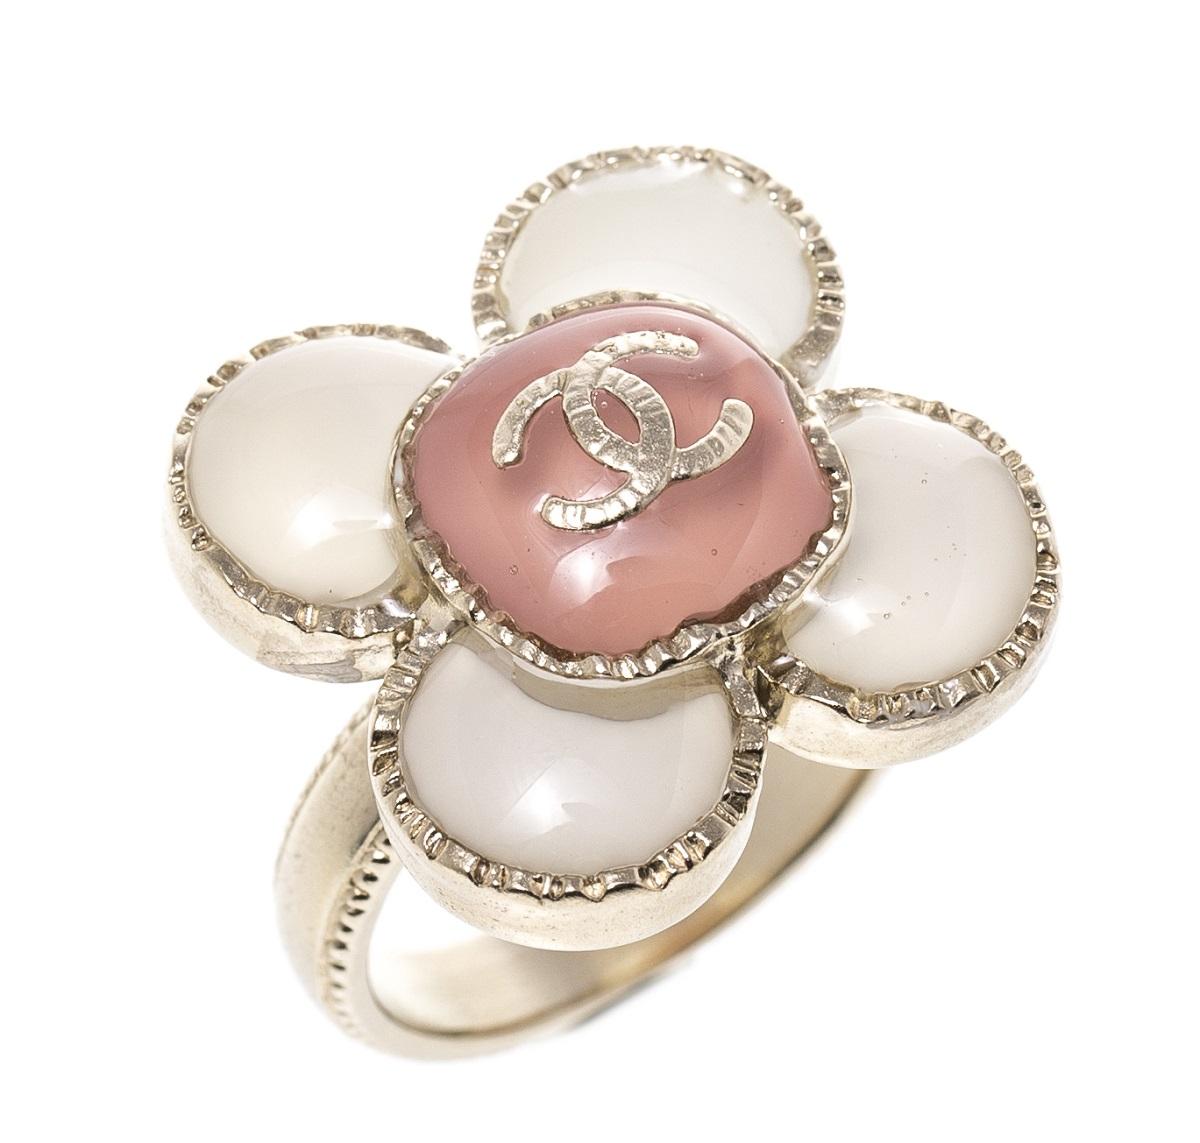 CHANEL シャネル フラワーモチーフリング 指輪 #11.5 ピンク×ホワイト×ゴールド 美品 【トレジャースポット】【中古】